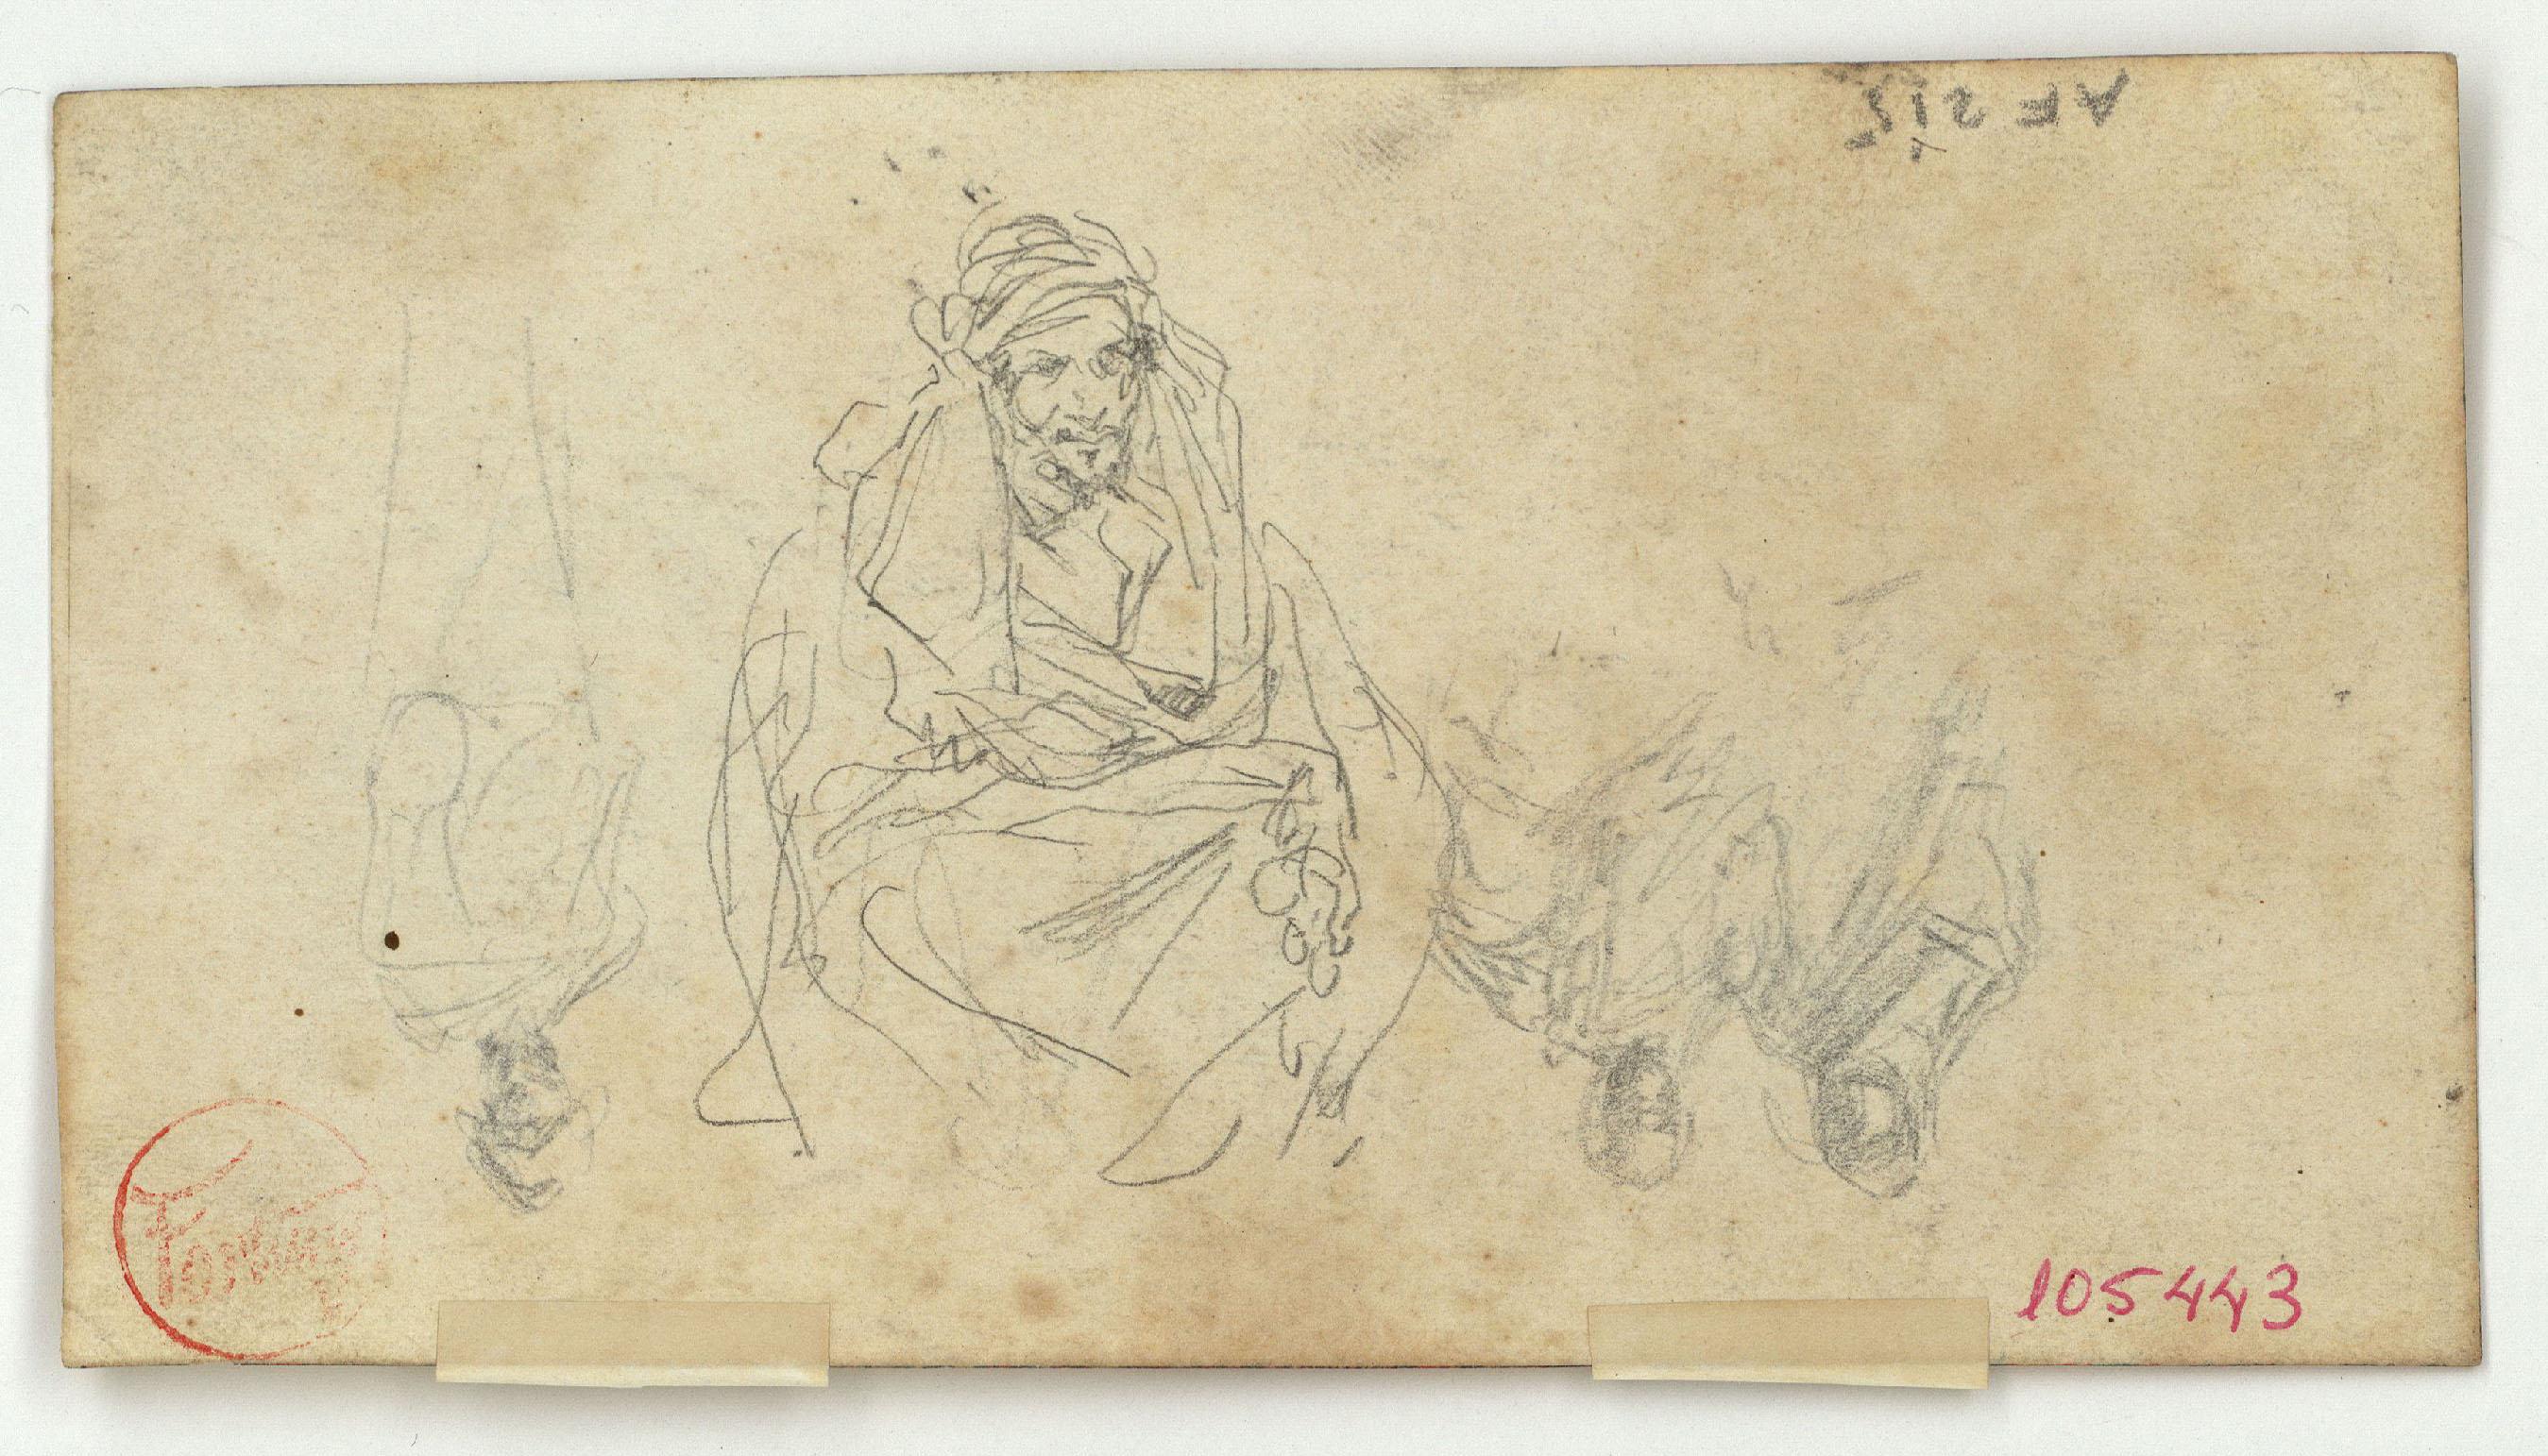 Marià Fortuny - Marroquins (anvers) / Caps de marroquins i potes de cavall (revers) - Cap a 1860-1862